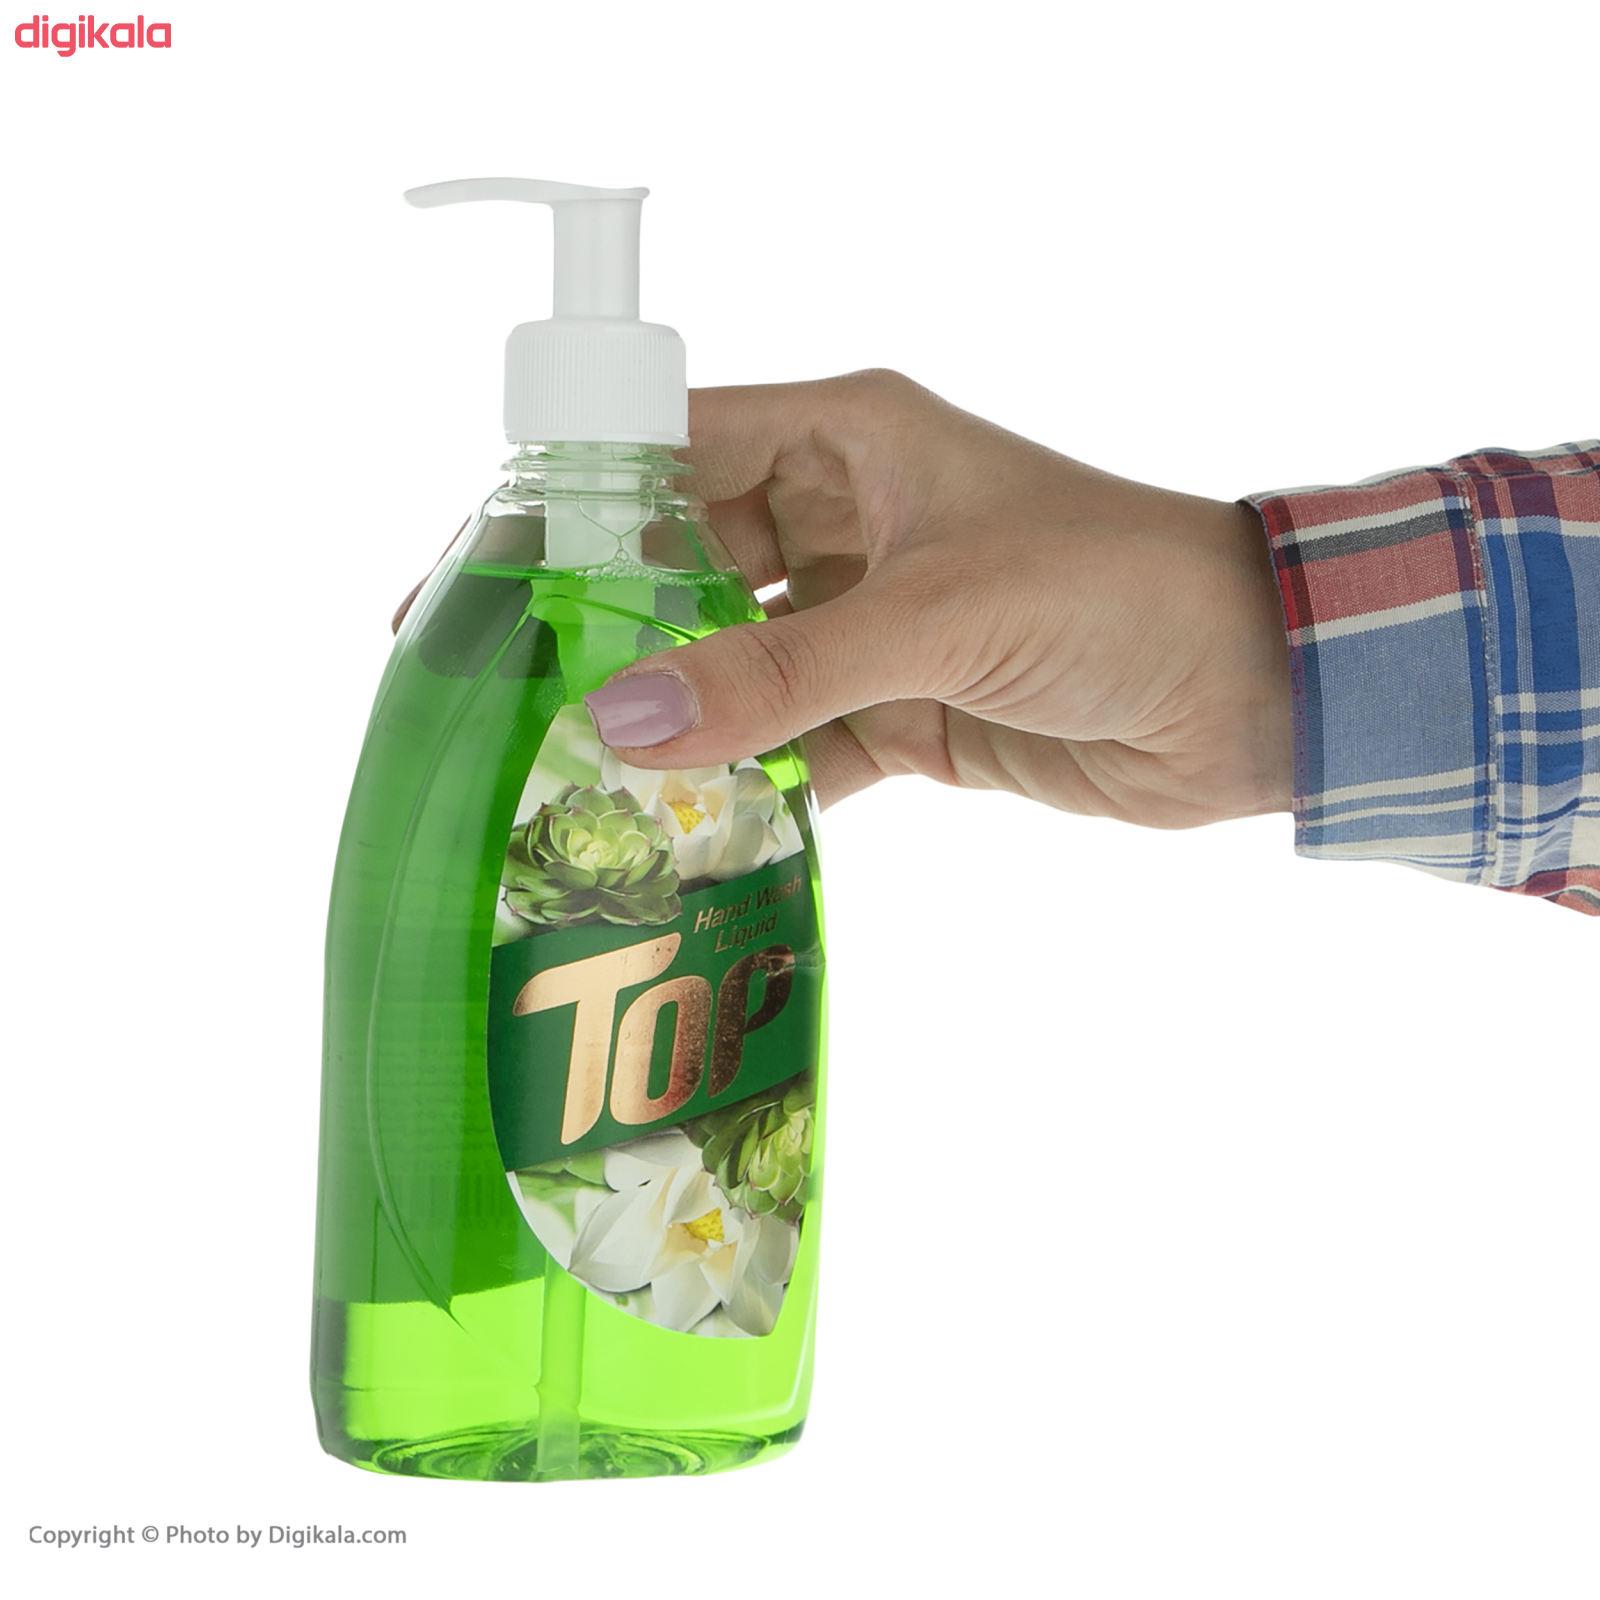 مایع دستشویی تاپ مدل Green مقدار 500 گرم main 1 2